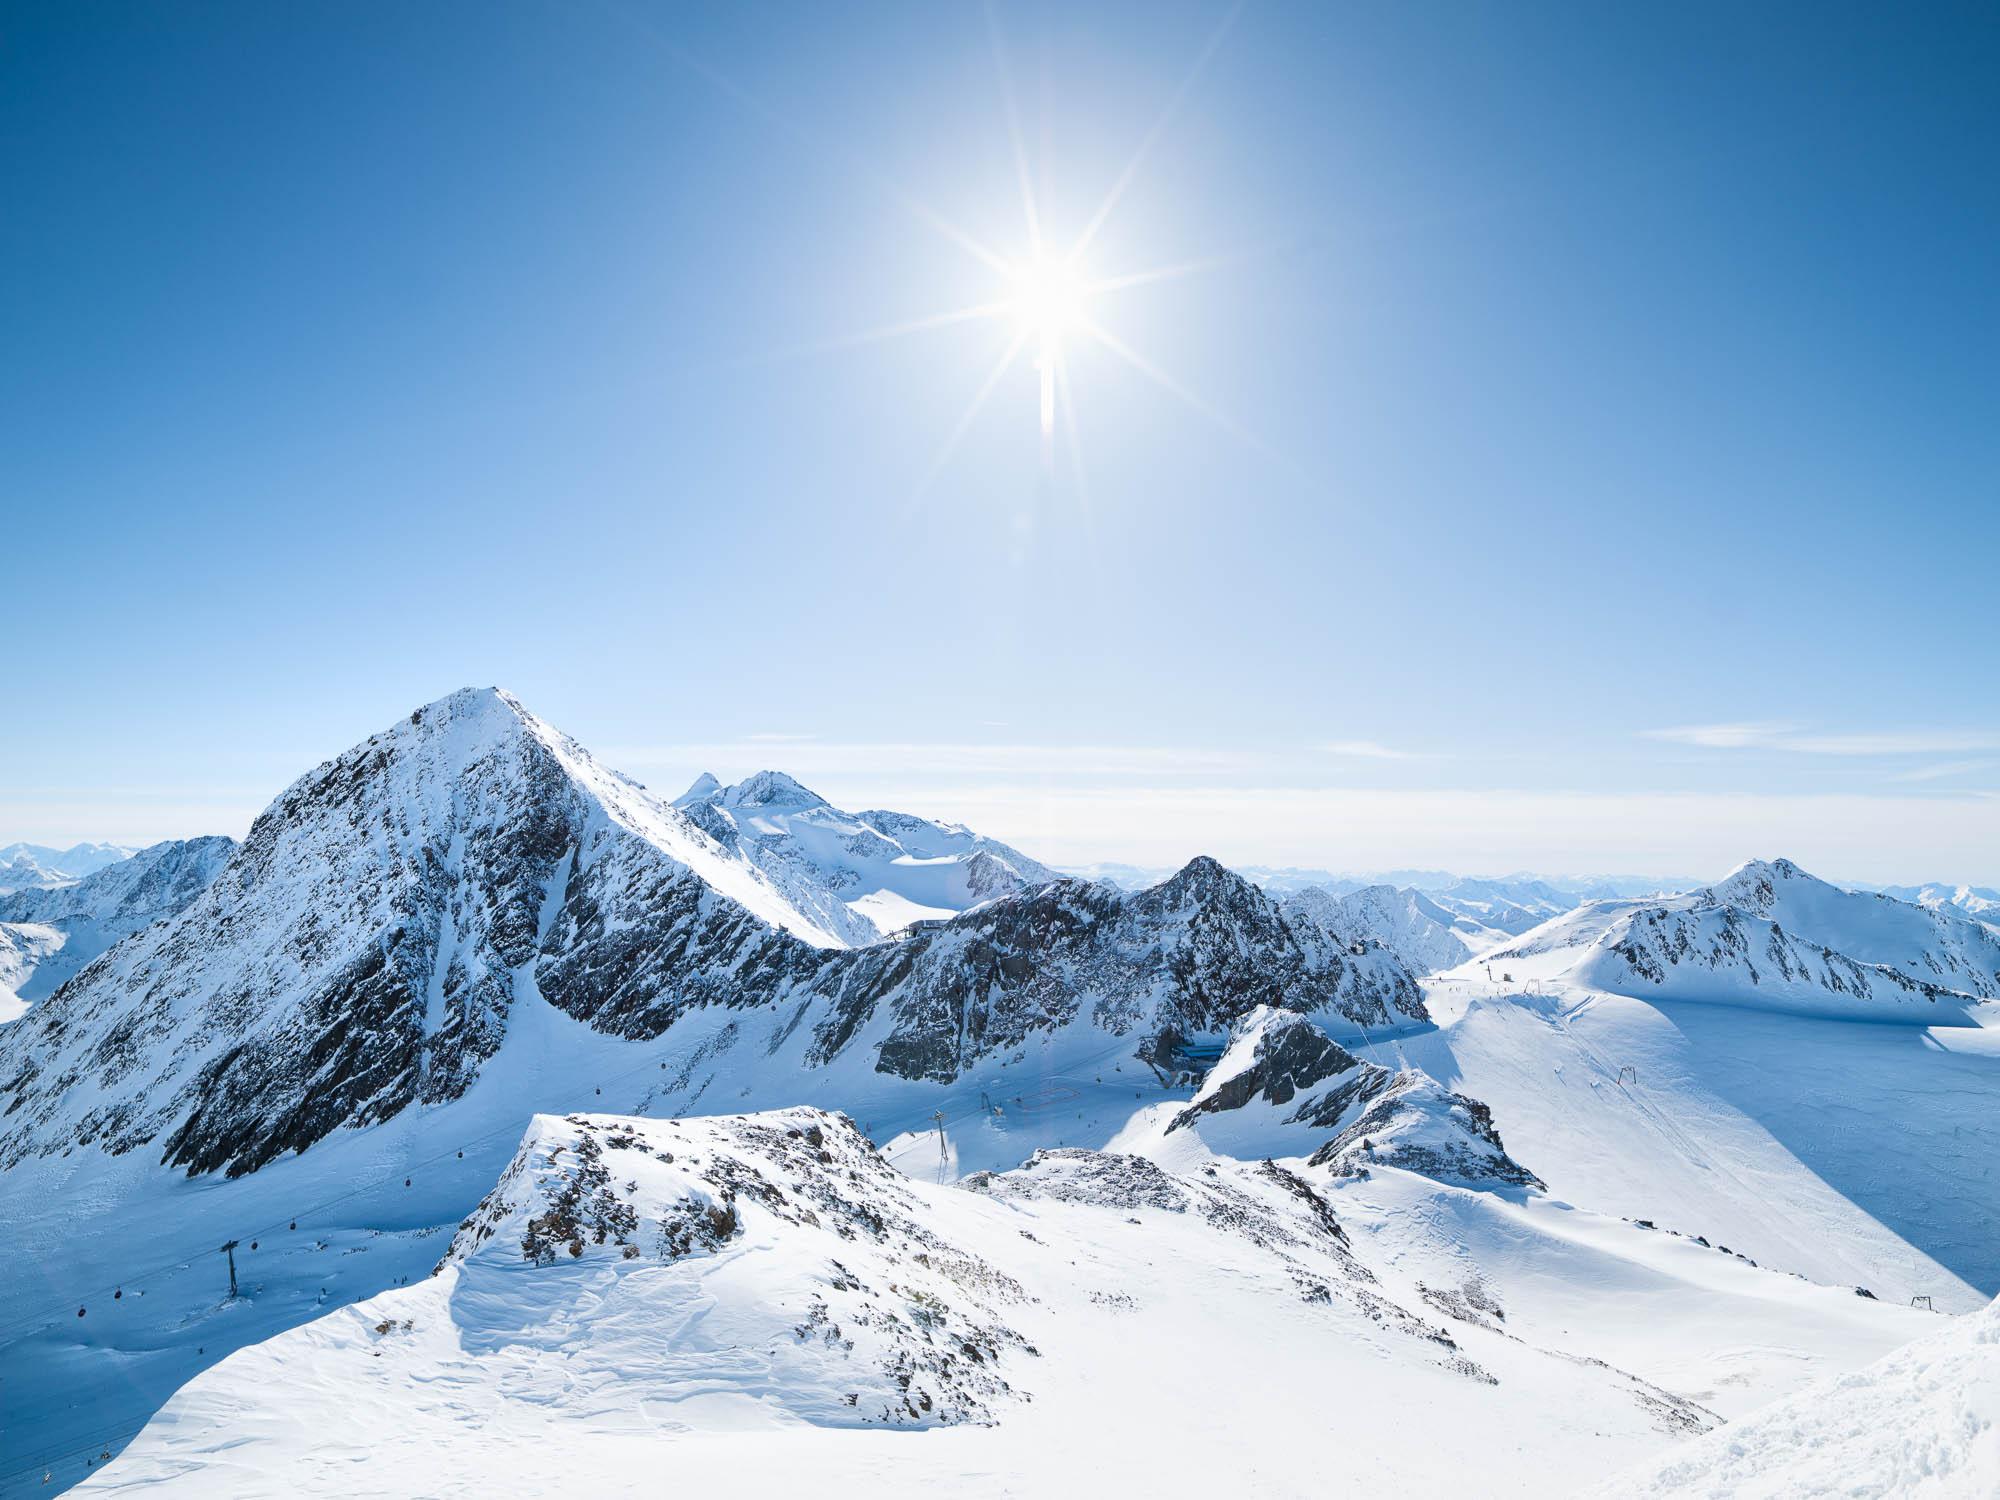 stubaier-gletscher_andre-schonherr_konigliche-fernsicht_web-5